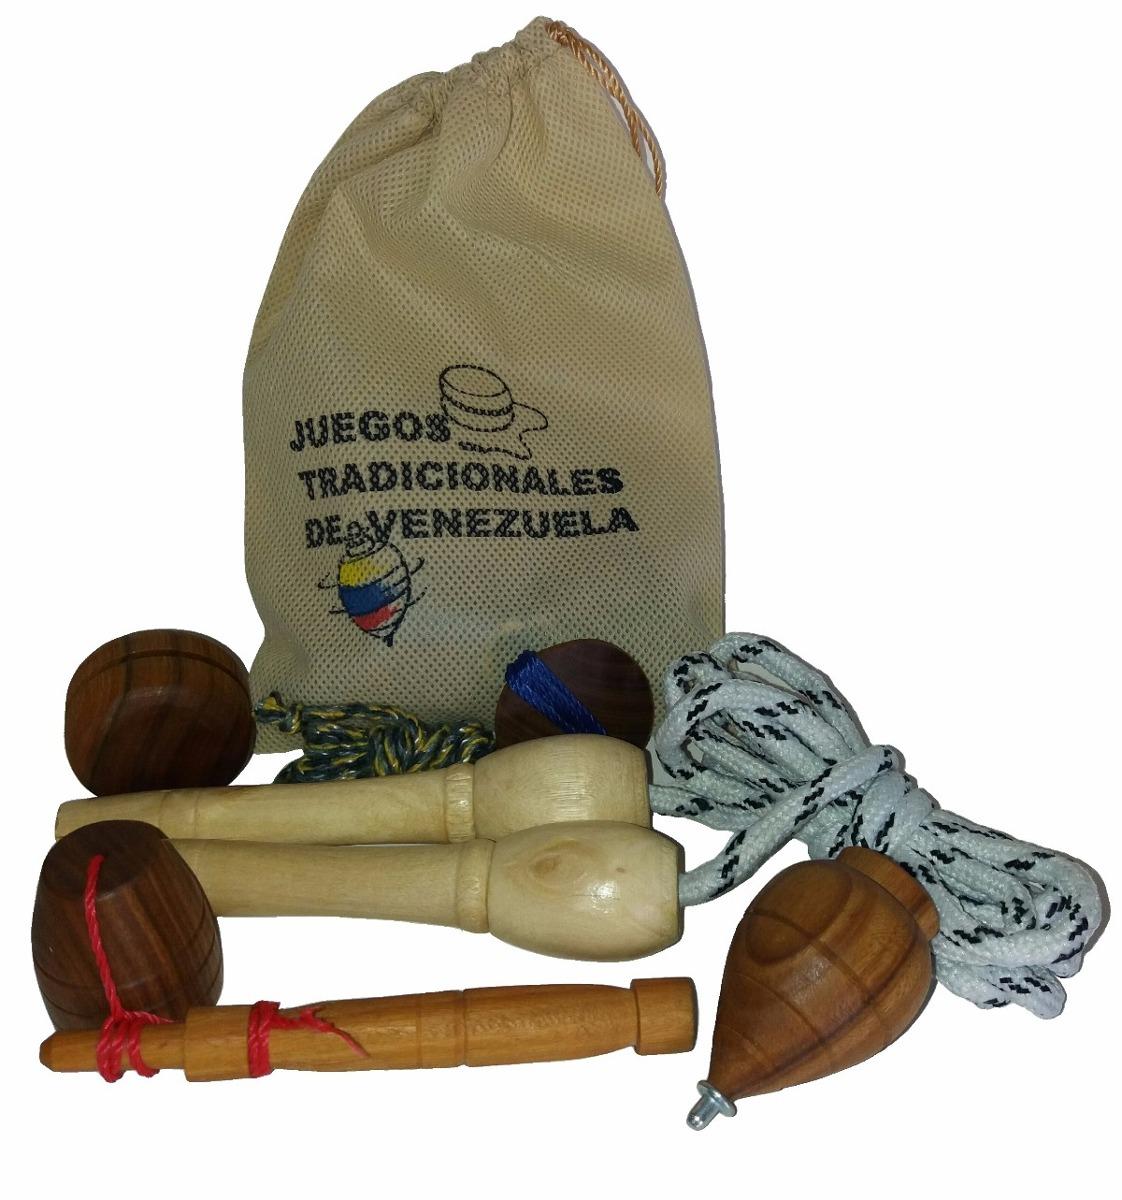 Juegos Tradicionales De Venezuela Con Cuerda De Saltar Bs 2 900